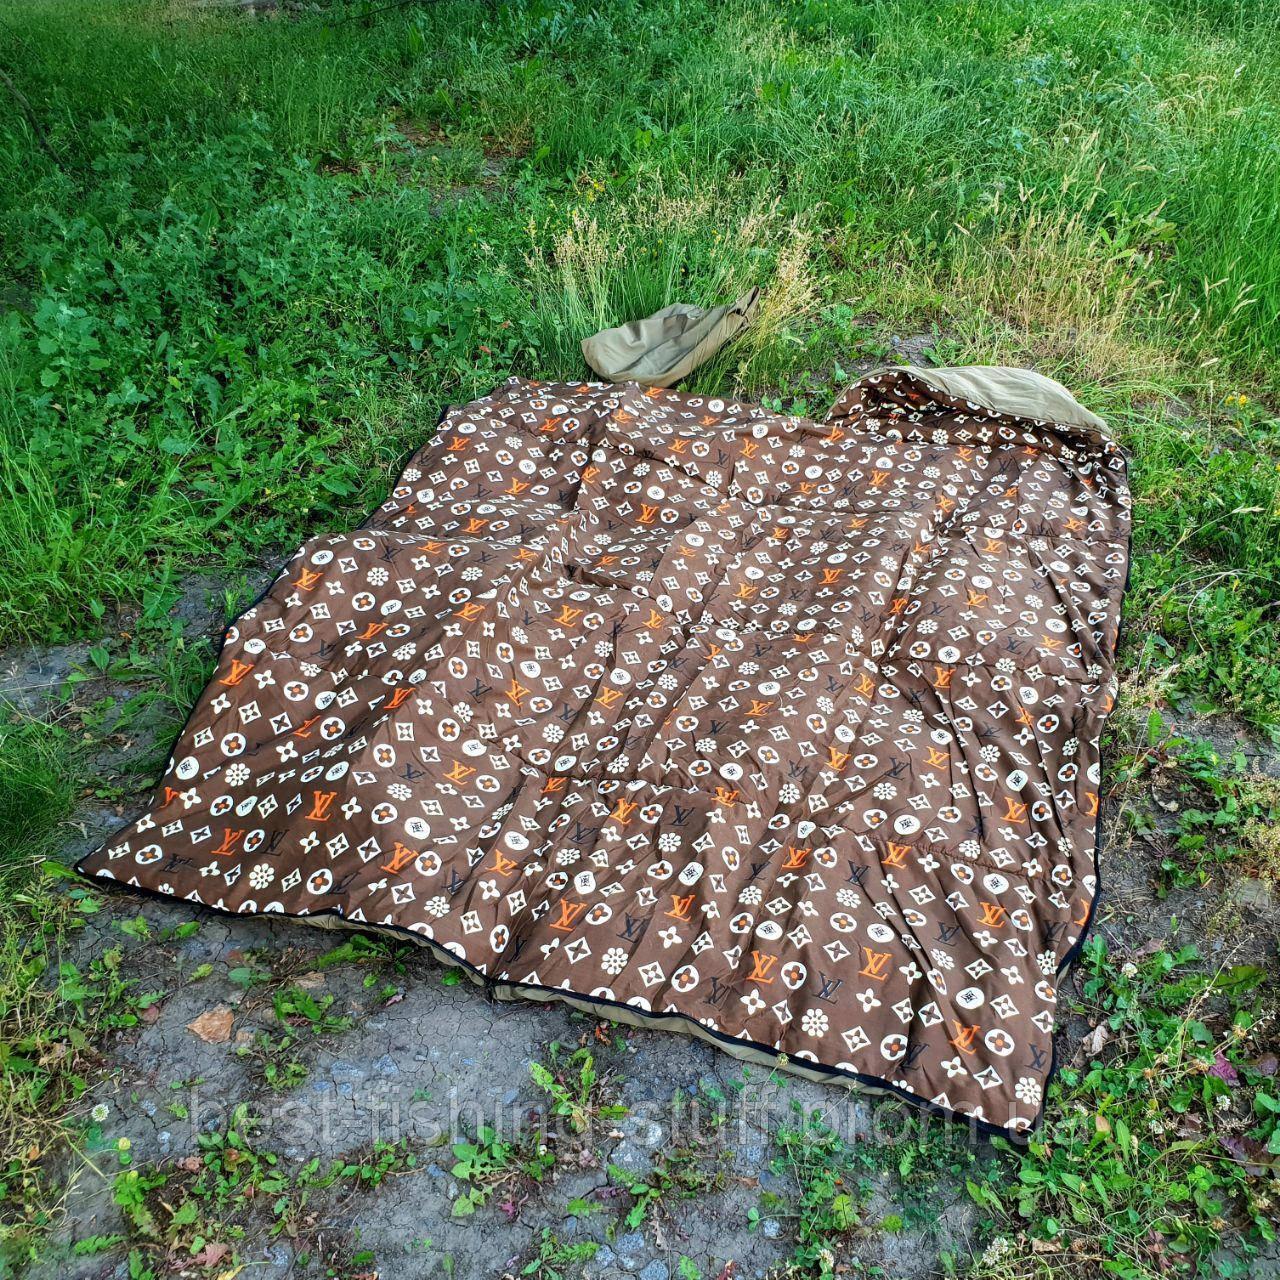 Спальный мешок одеяло Луи Витон весна / осень ibhbyf 100см